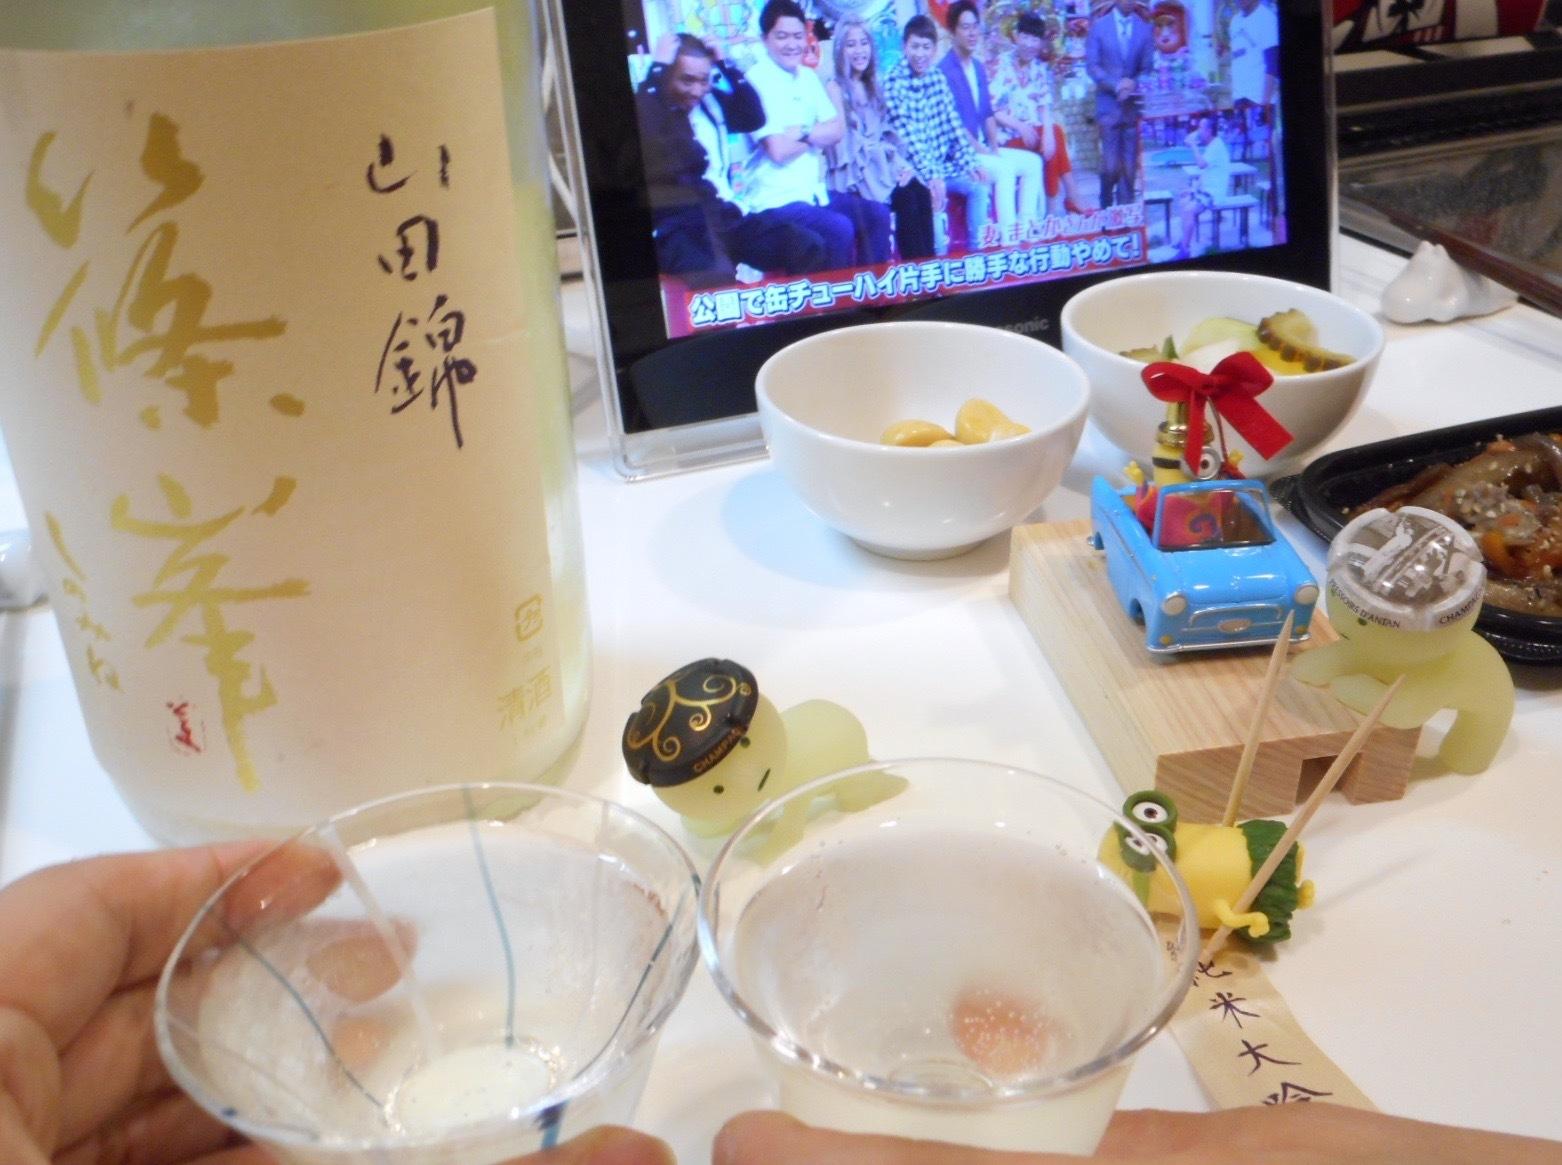 shinomine_yamada40nama26by7.jpg